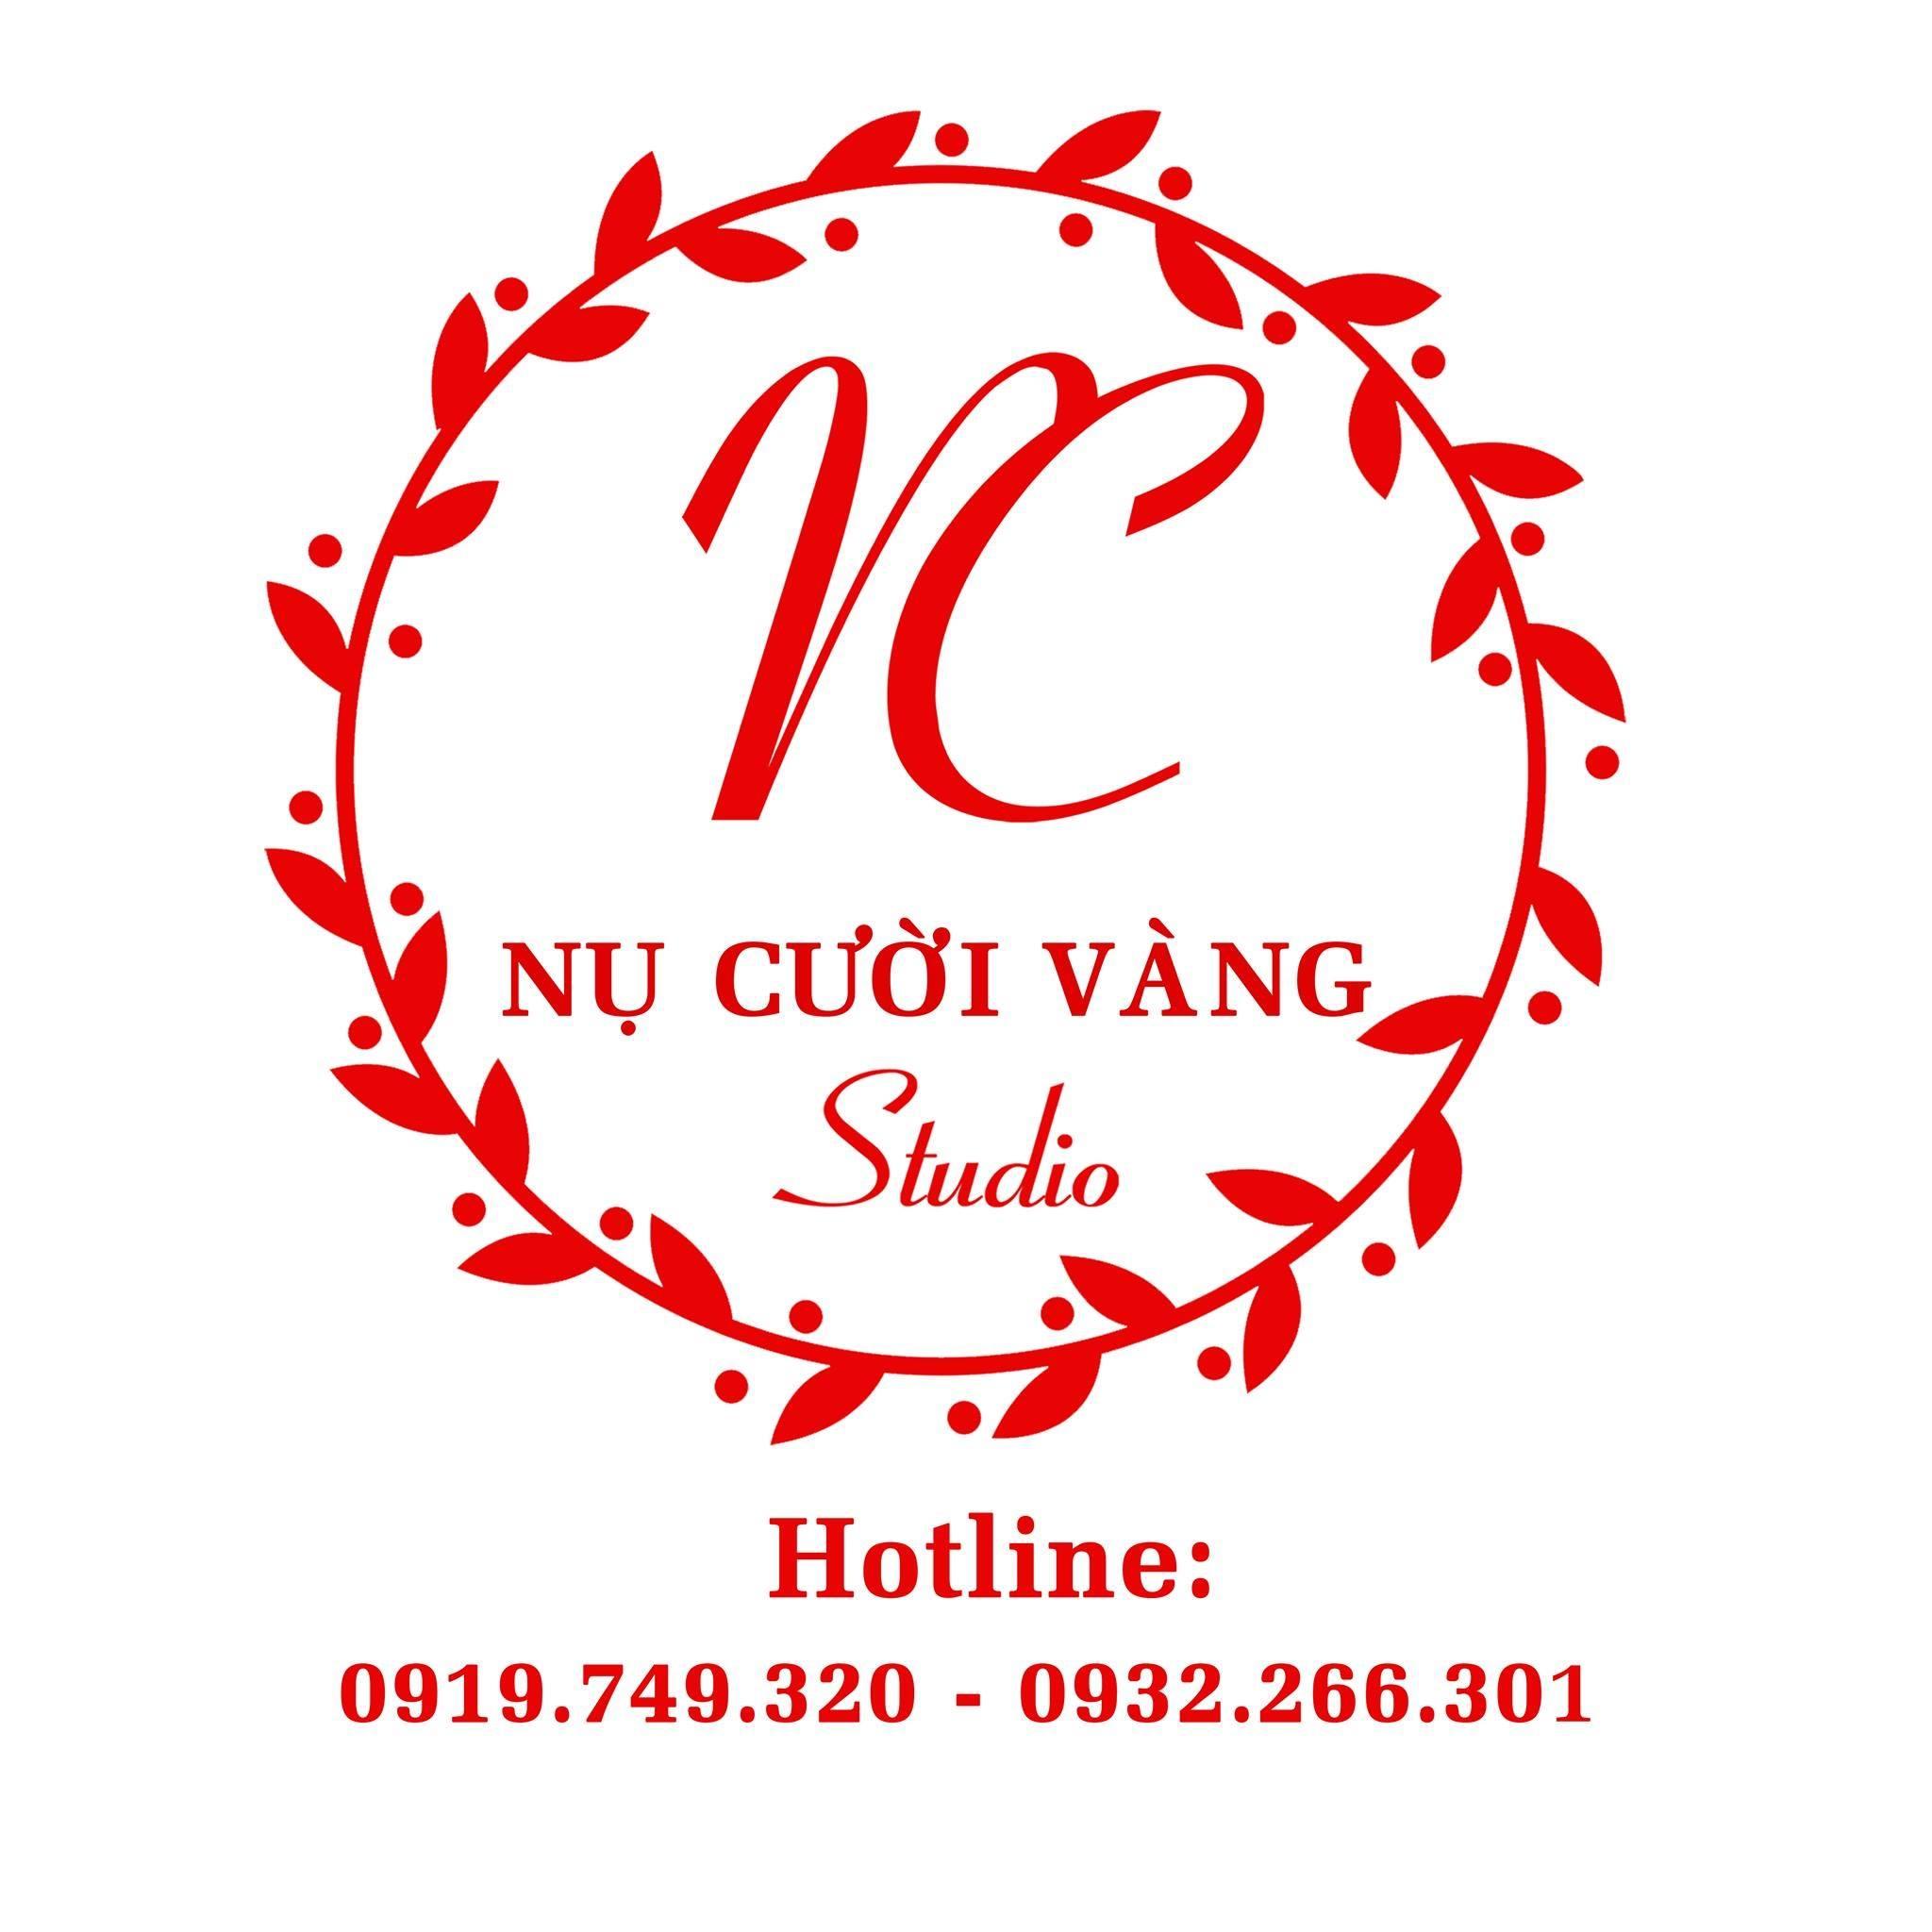 Nụ Cười Vàng Studio